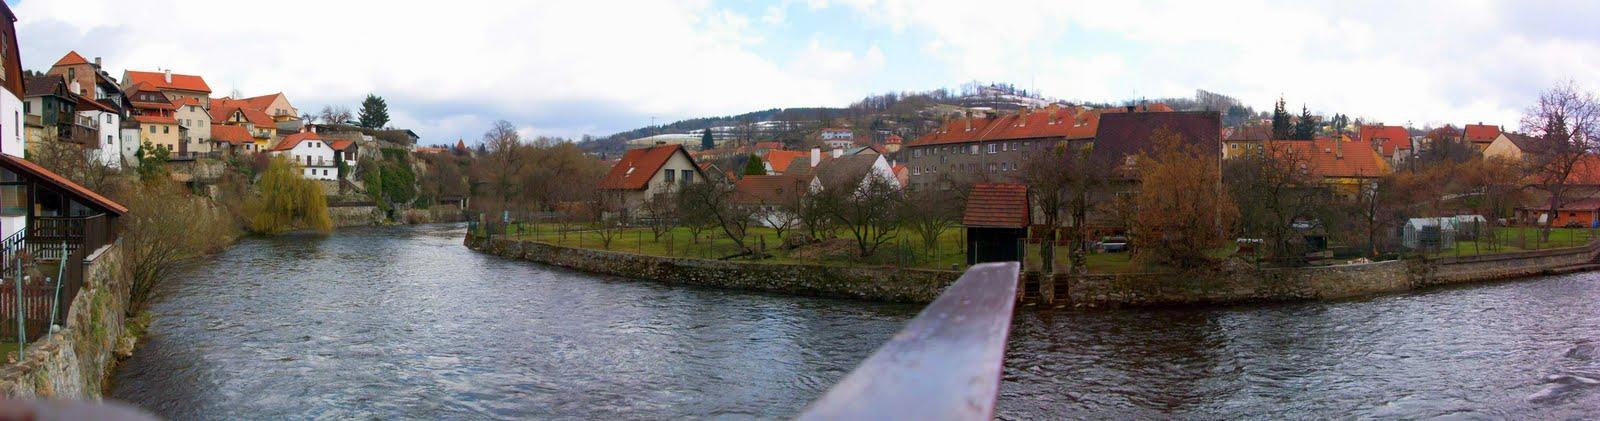 cesky krumlov, pueblo de republica checa